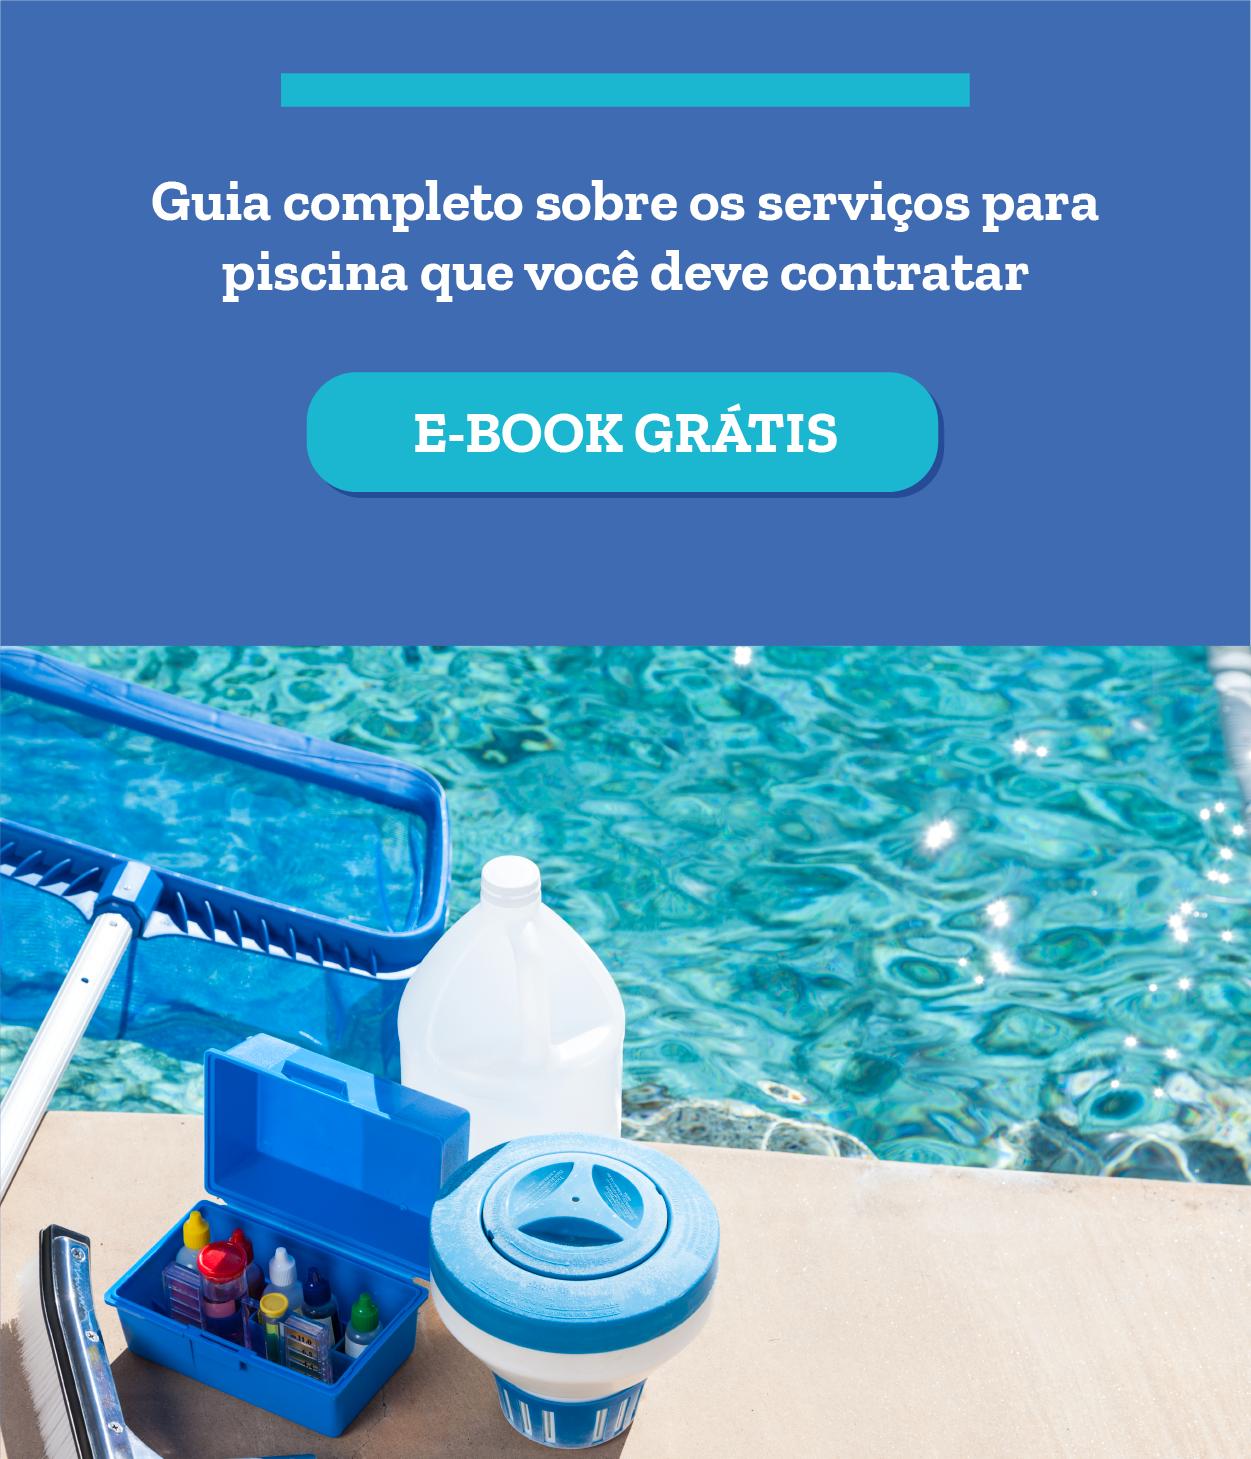 CTA_Guia-completo-sobre-os-servicos-para-piscina-que-voce-deve-contratar_03-2